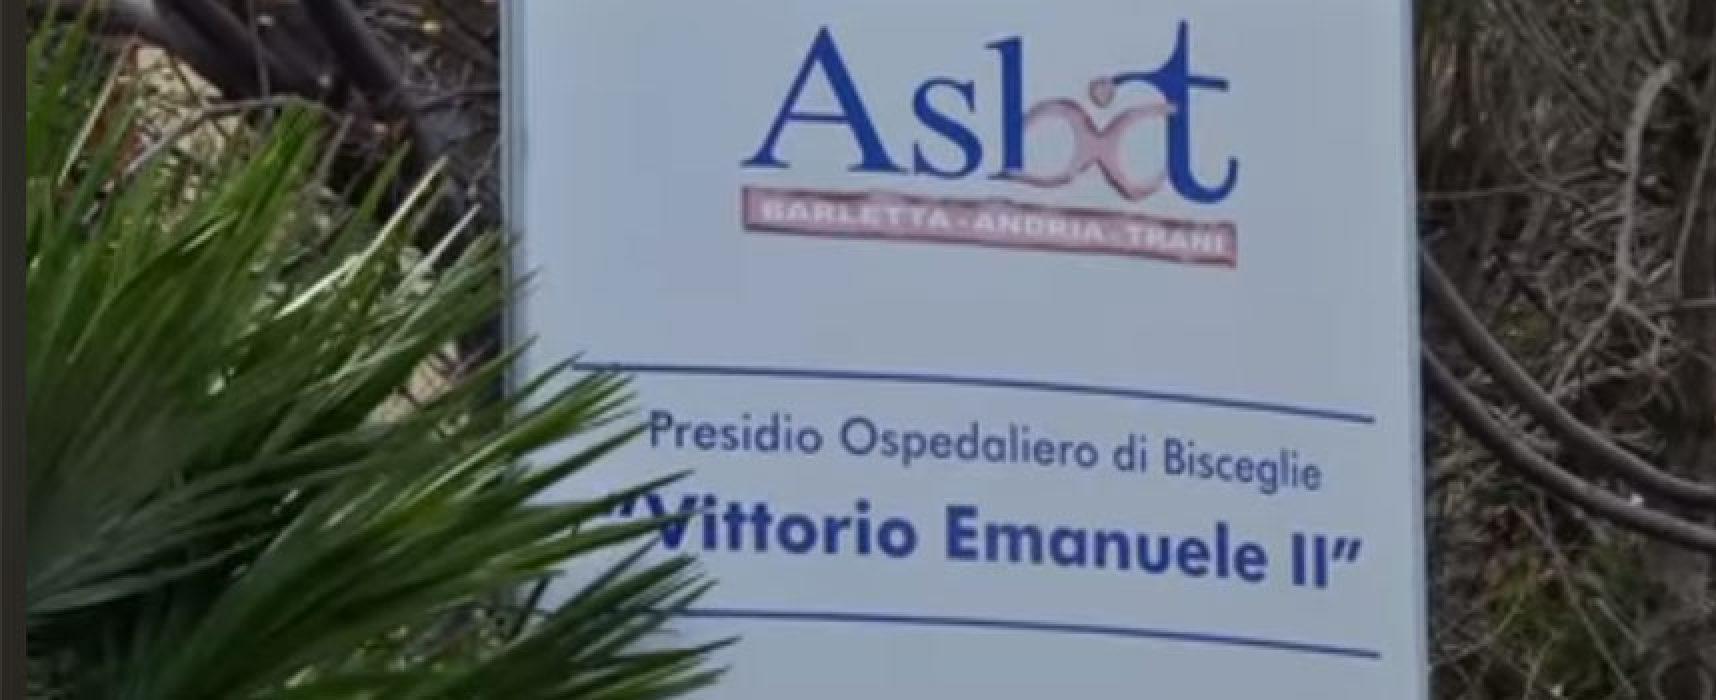 Primo prelievo multiorgano a Bisceglie: rene e fegato trapiantati con successo a Bari e Napoli